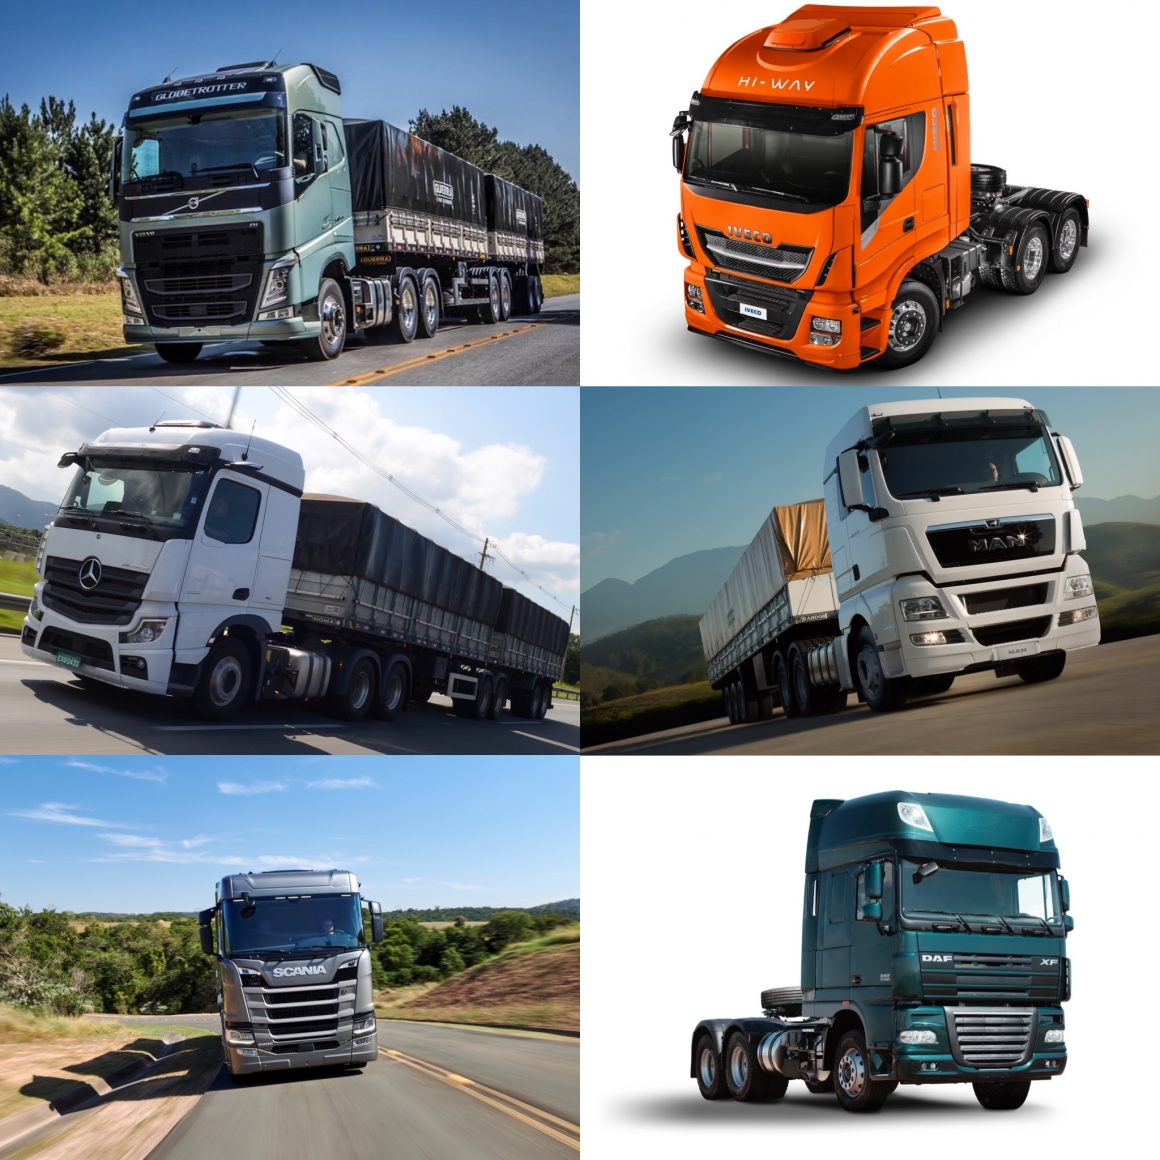 As vendas de caminhões em julho cresceram em relação a junho 8,7%